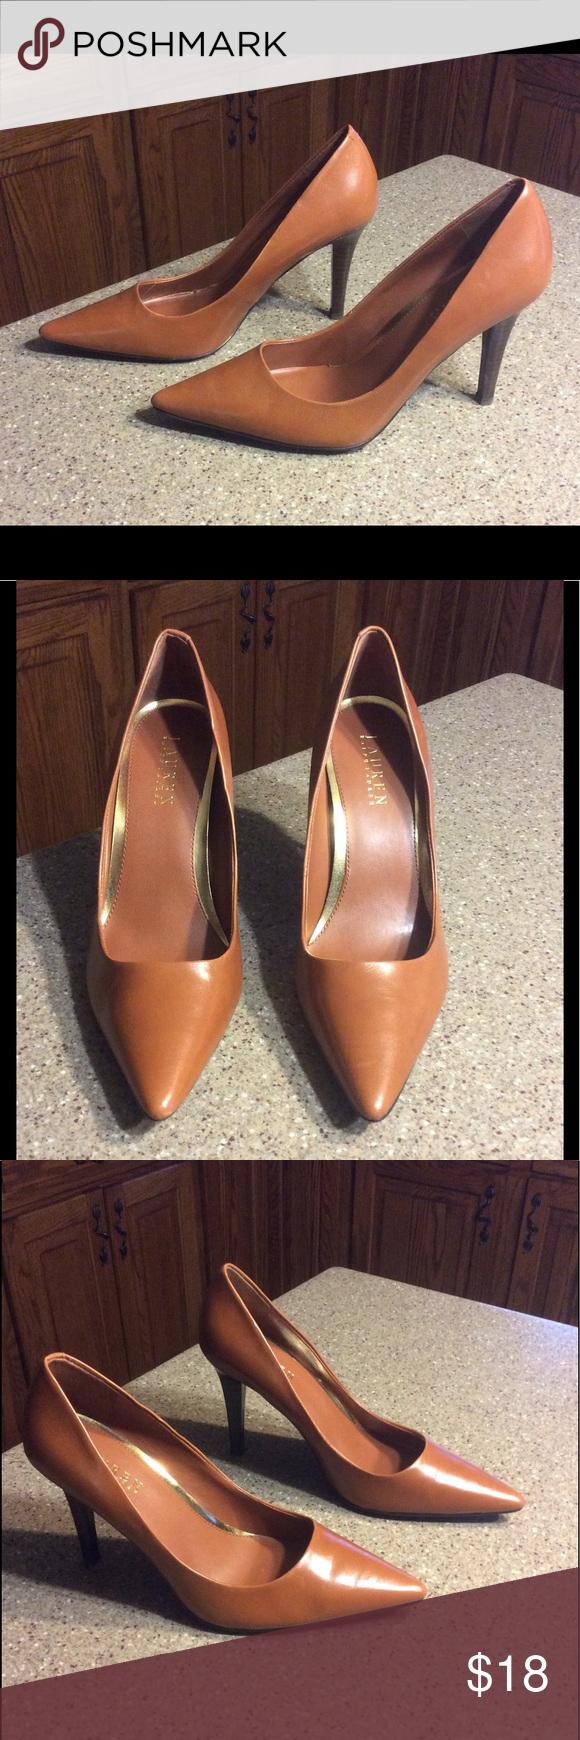 Ralph Lauren Sarina Heels Like new! Worn once. Tan leather heels. Very stylish 😉 Lauren Ralph Lauren Shoes Heels